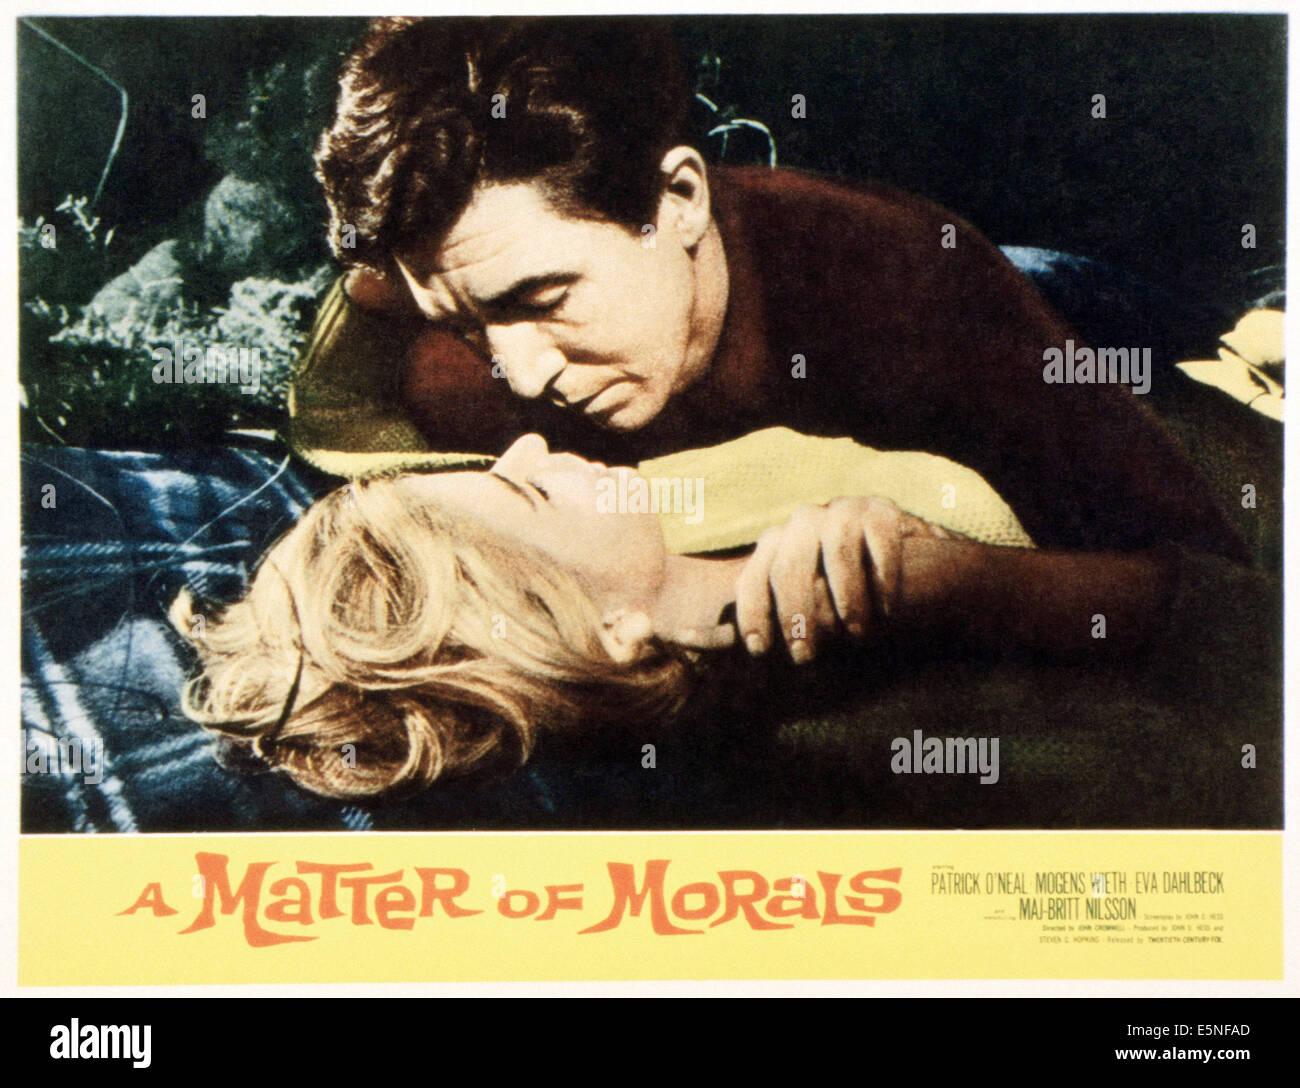 Una questione di morale, Maj-Britt Nilsson (fondo), Patrick O'Neal, 1961 Immagini Stock